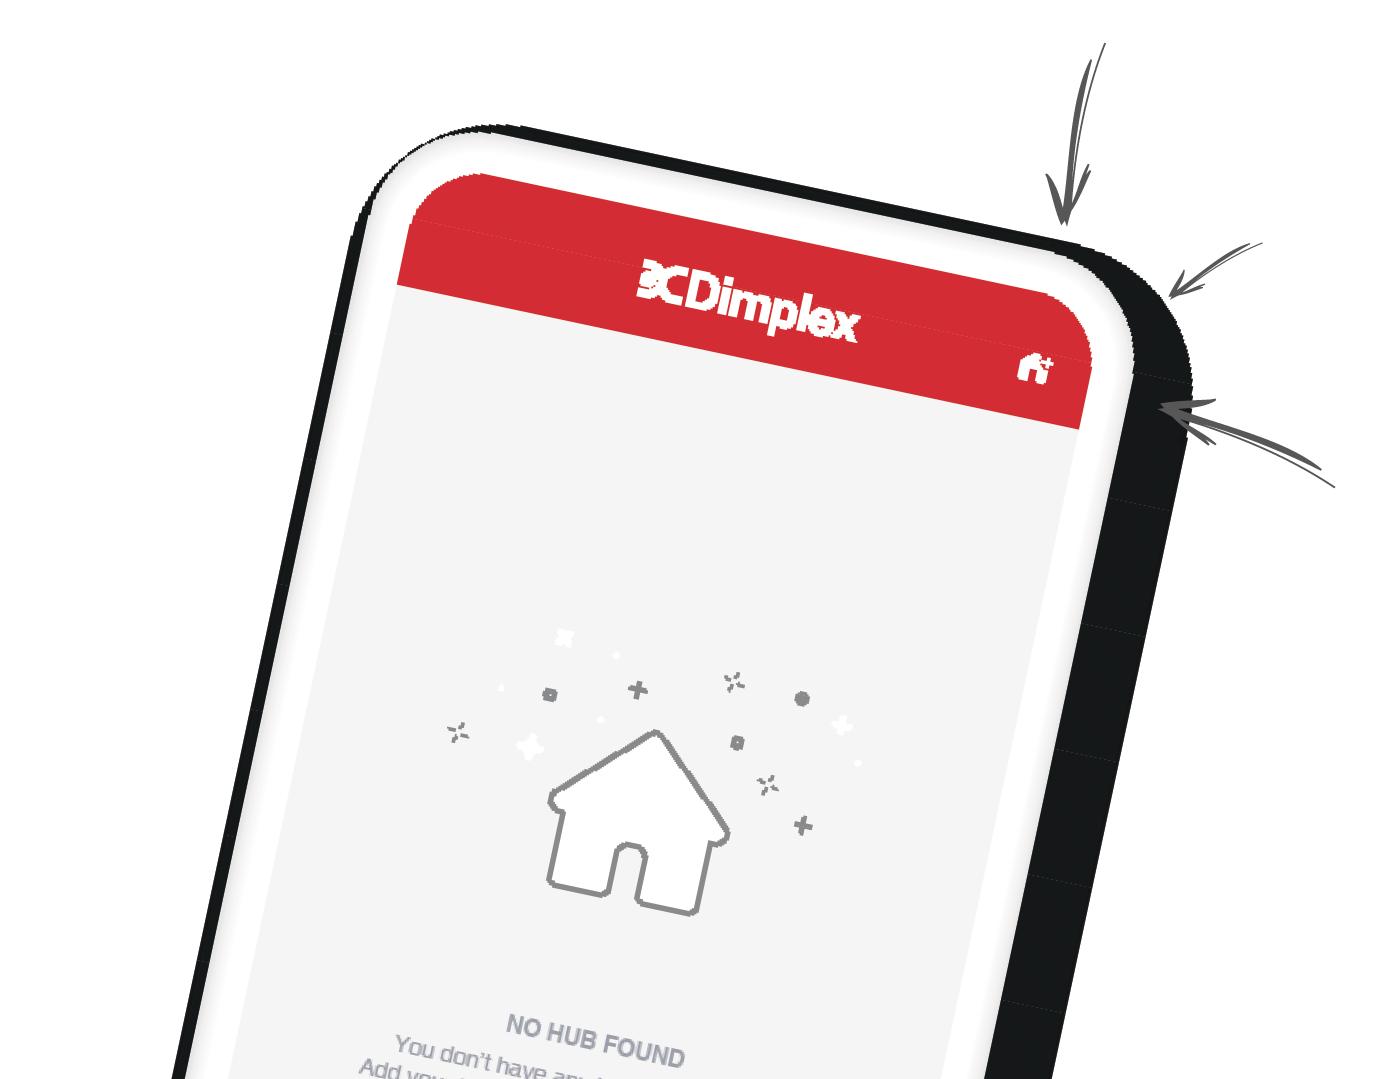 dimplex app home screen